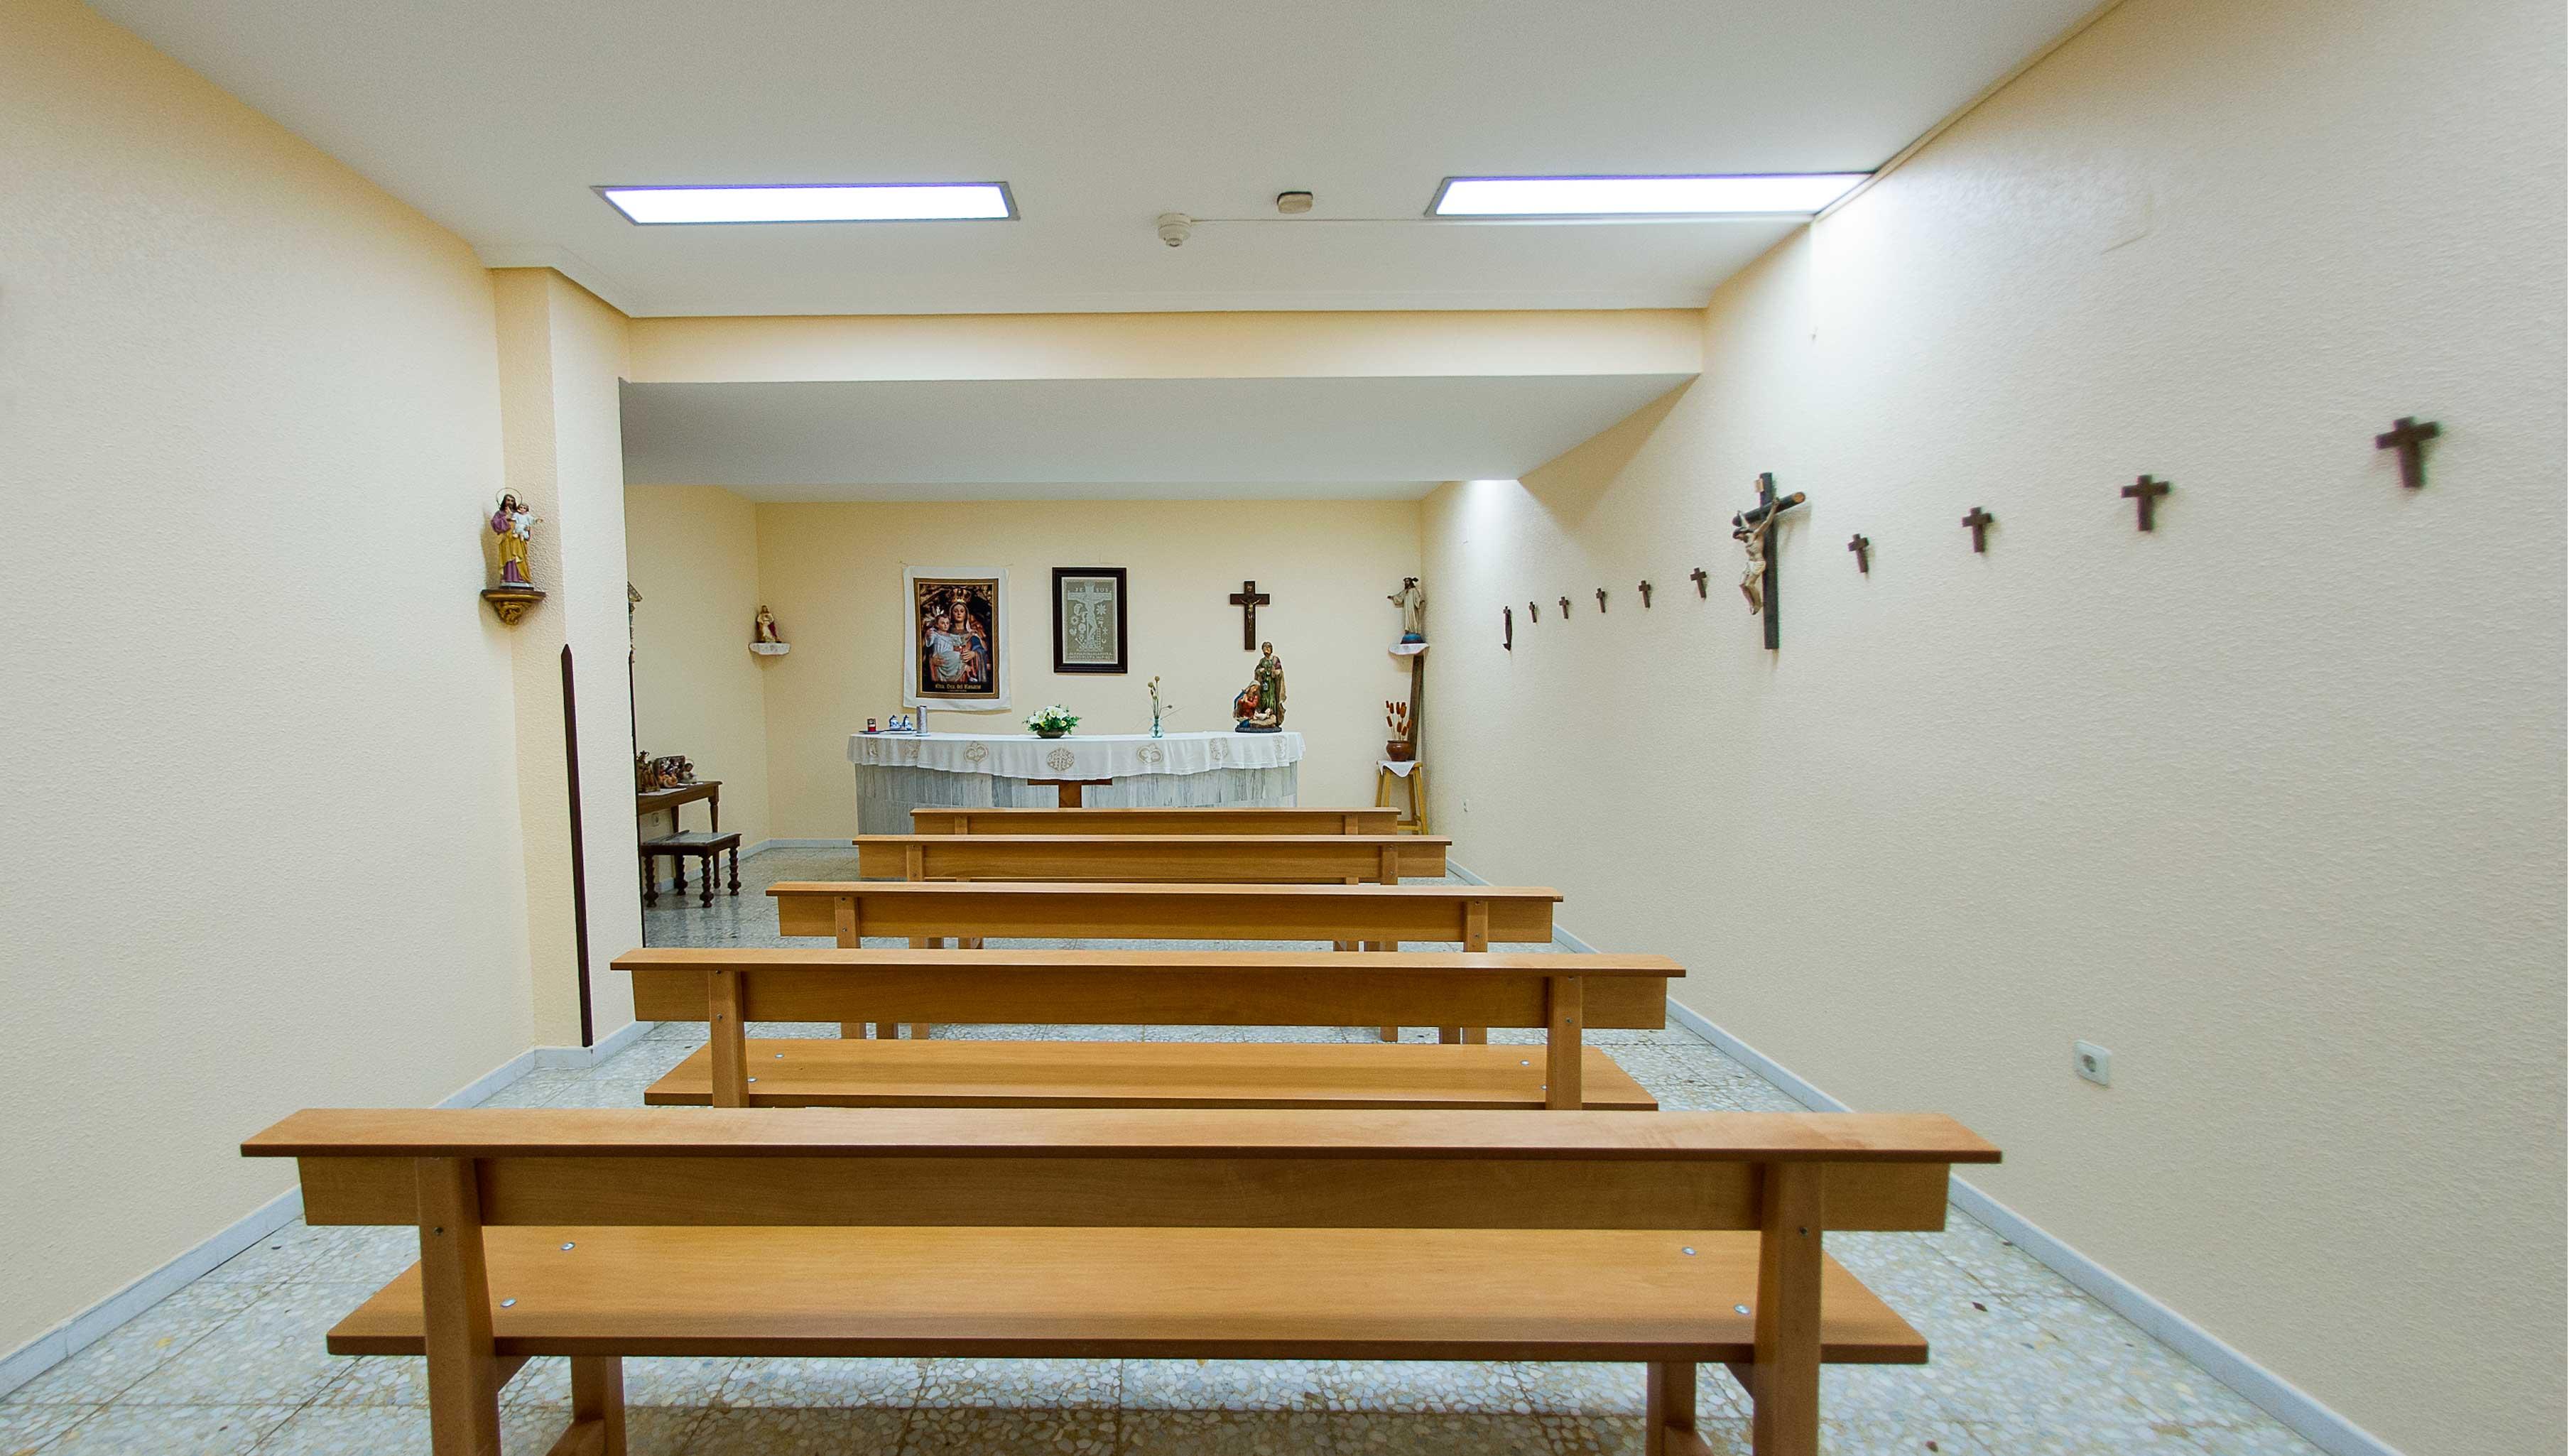 capilla de la residencia zarzuela en la comunidad de Castilla-La Mancha